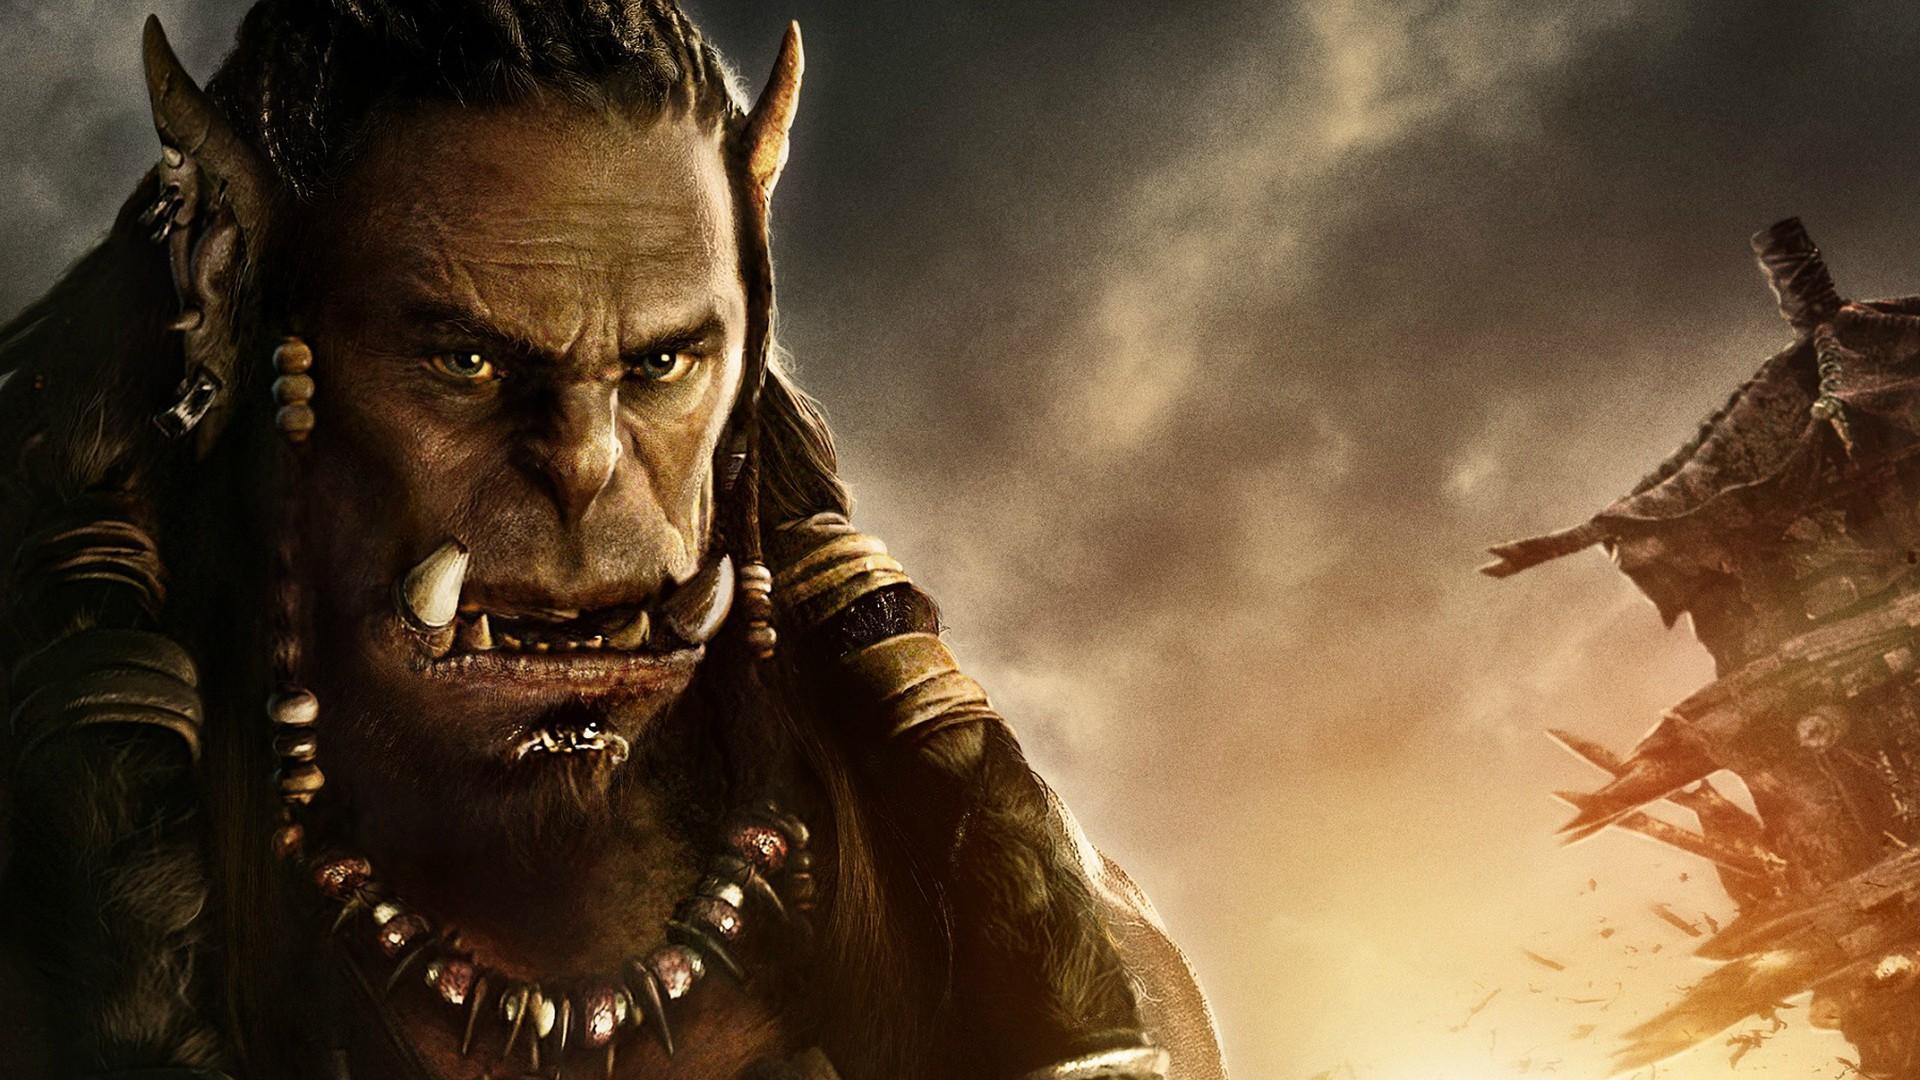 电脑壁纸 | 影视壁纸-魔兽Warcraft-2  高清壁纸 第13张